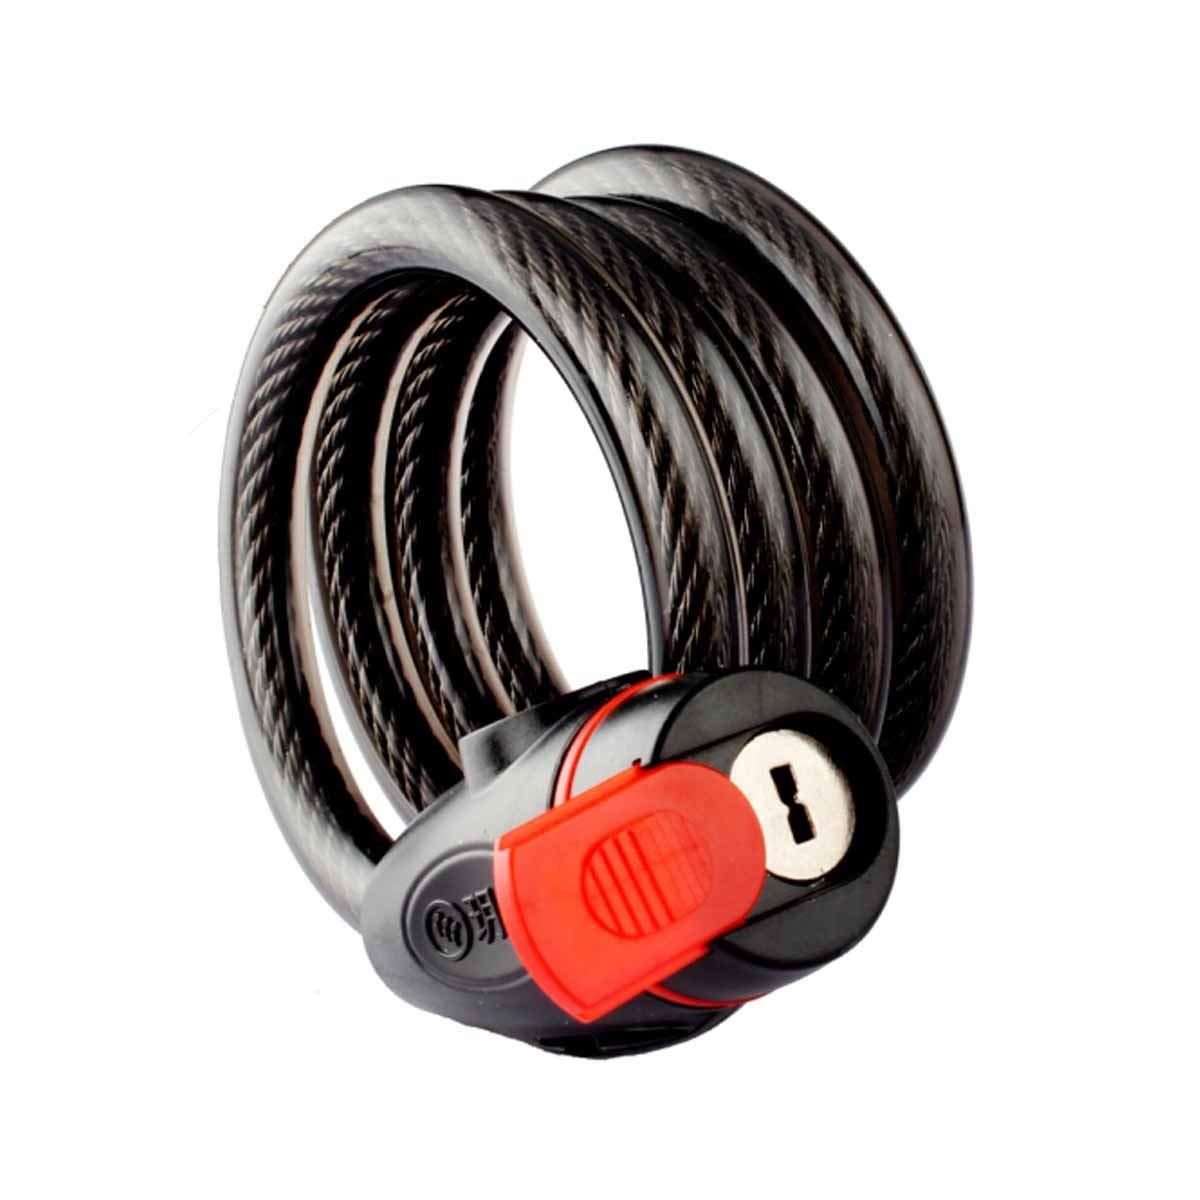 Cerradura de bicicleta Cerradura de bicicleta 1.15M * 11MM Cerradura de bicicleta de montaña Cerradura de cable de acero Color : Black Cerradura antirrobo negra